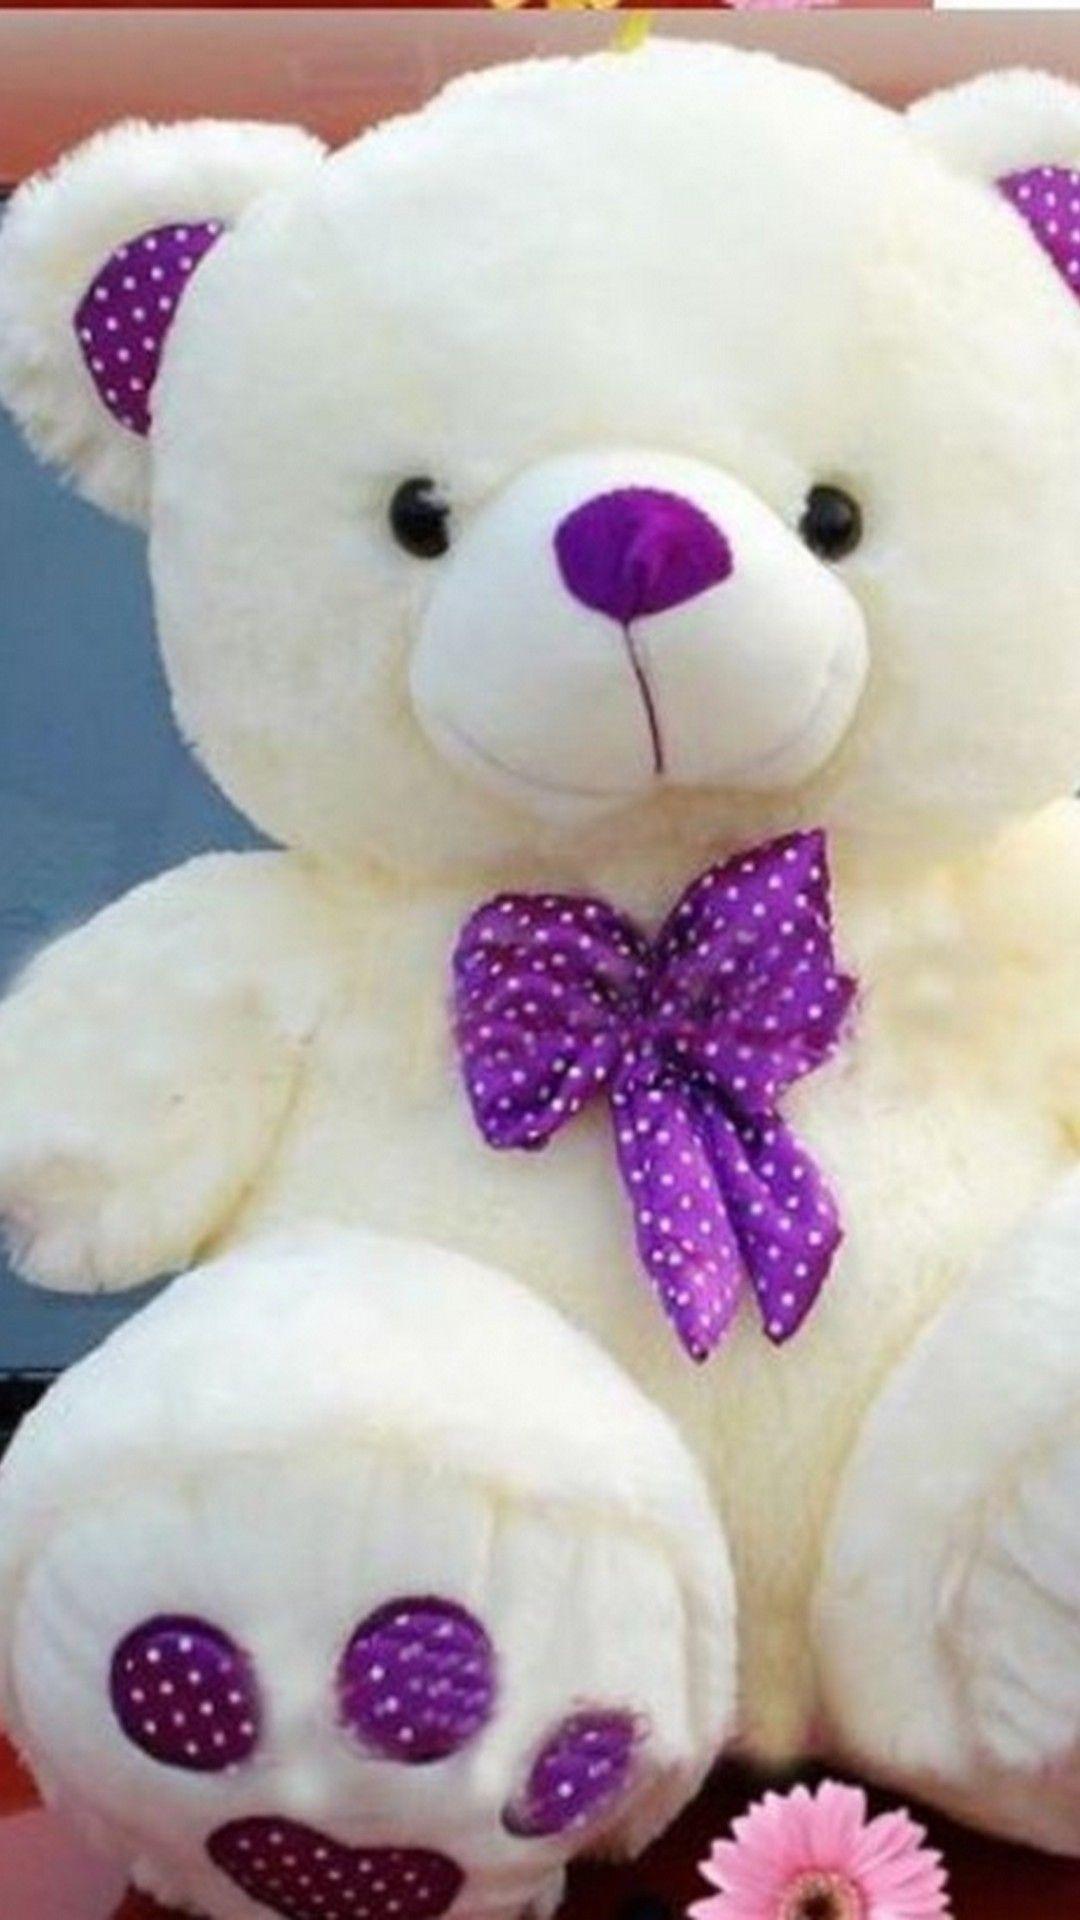 Wallpaper Cute Teddy Bear Iphone Best Wallpaper Hd Teddy Bear Images Teddy Bear Wallpaper Cute Teddy Bear Pics